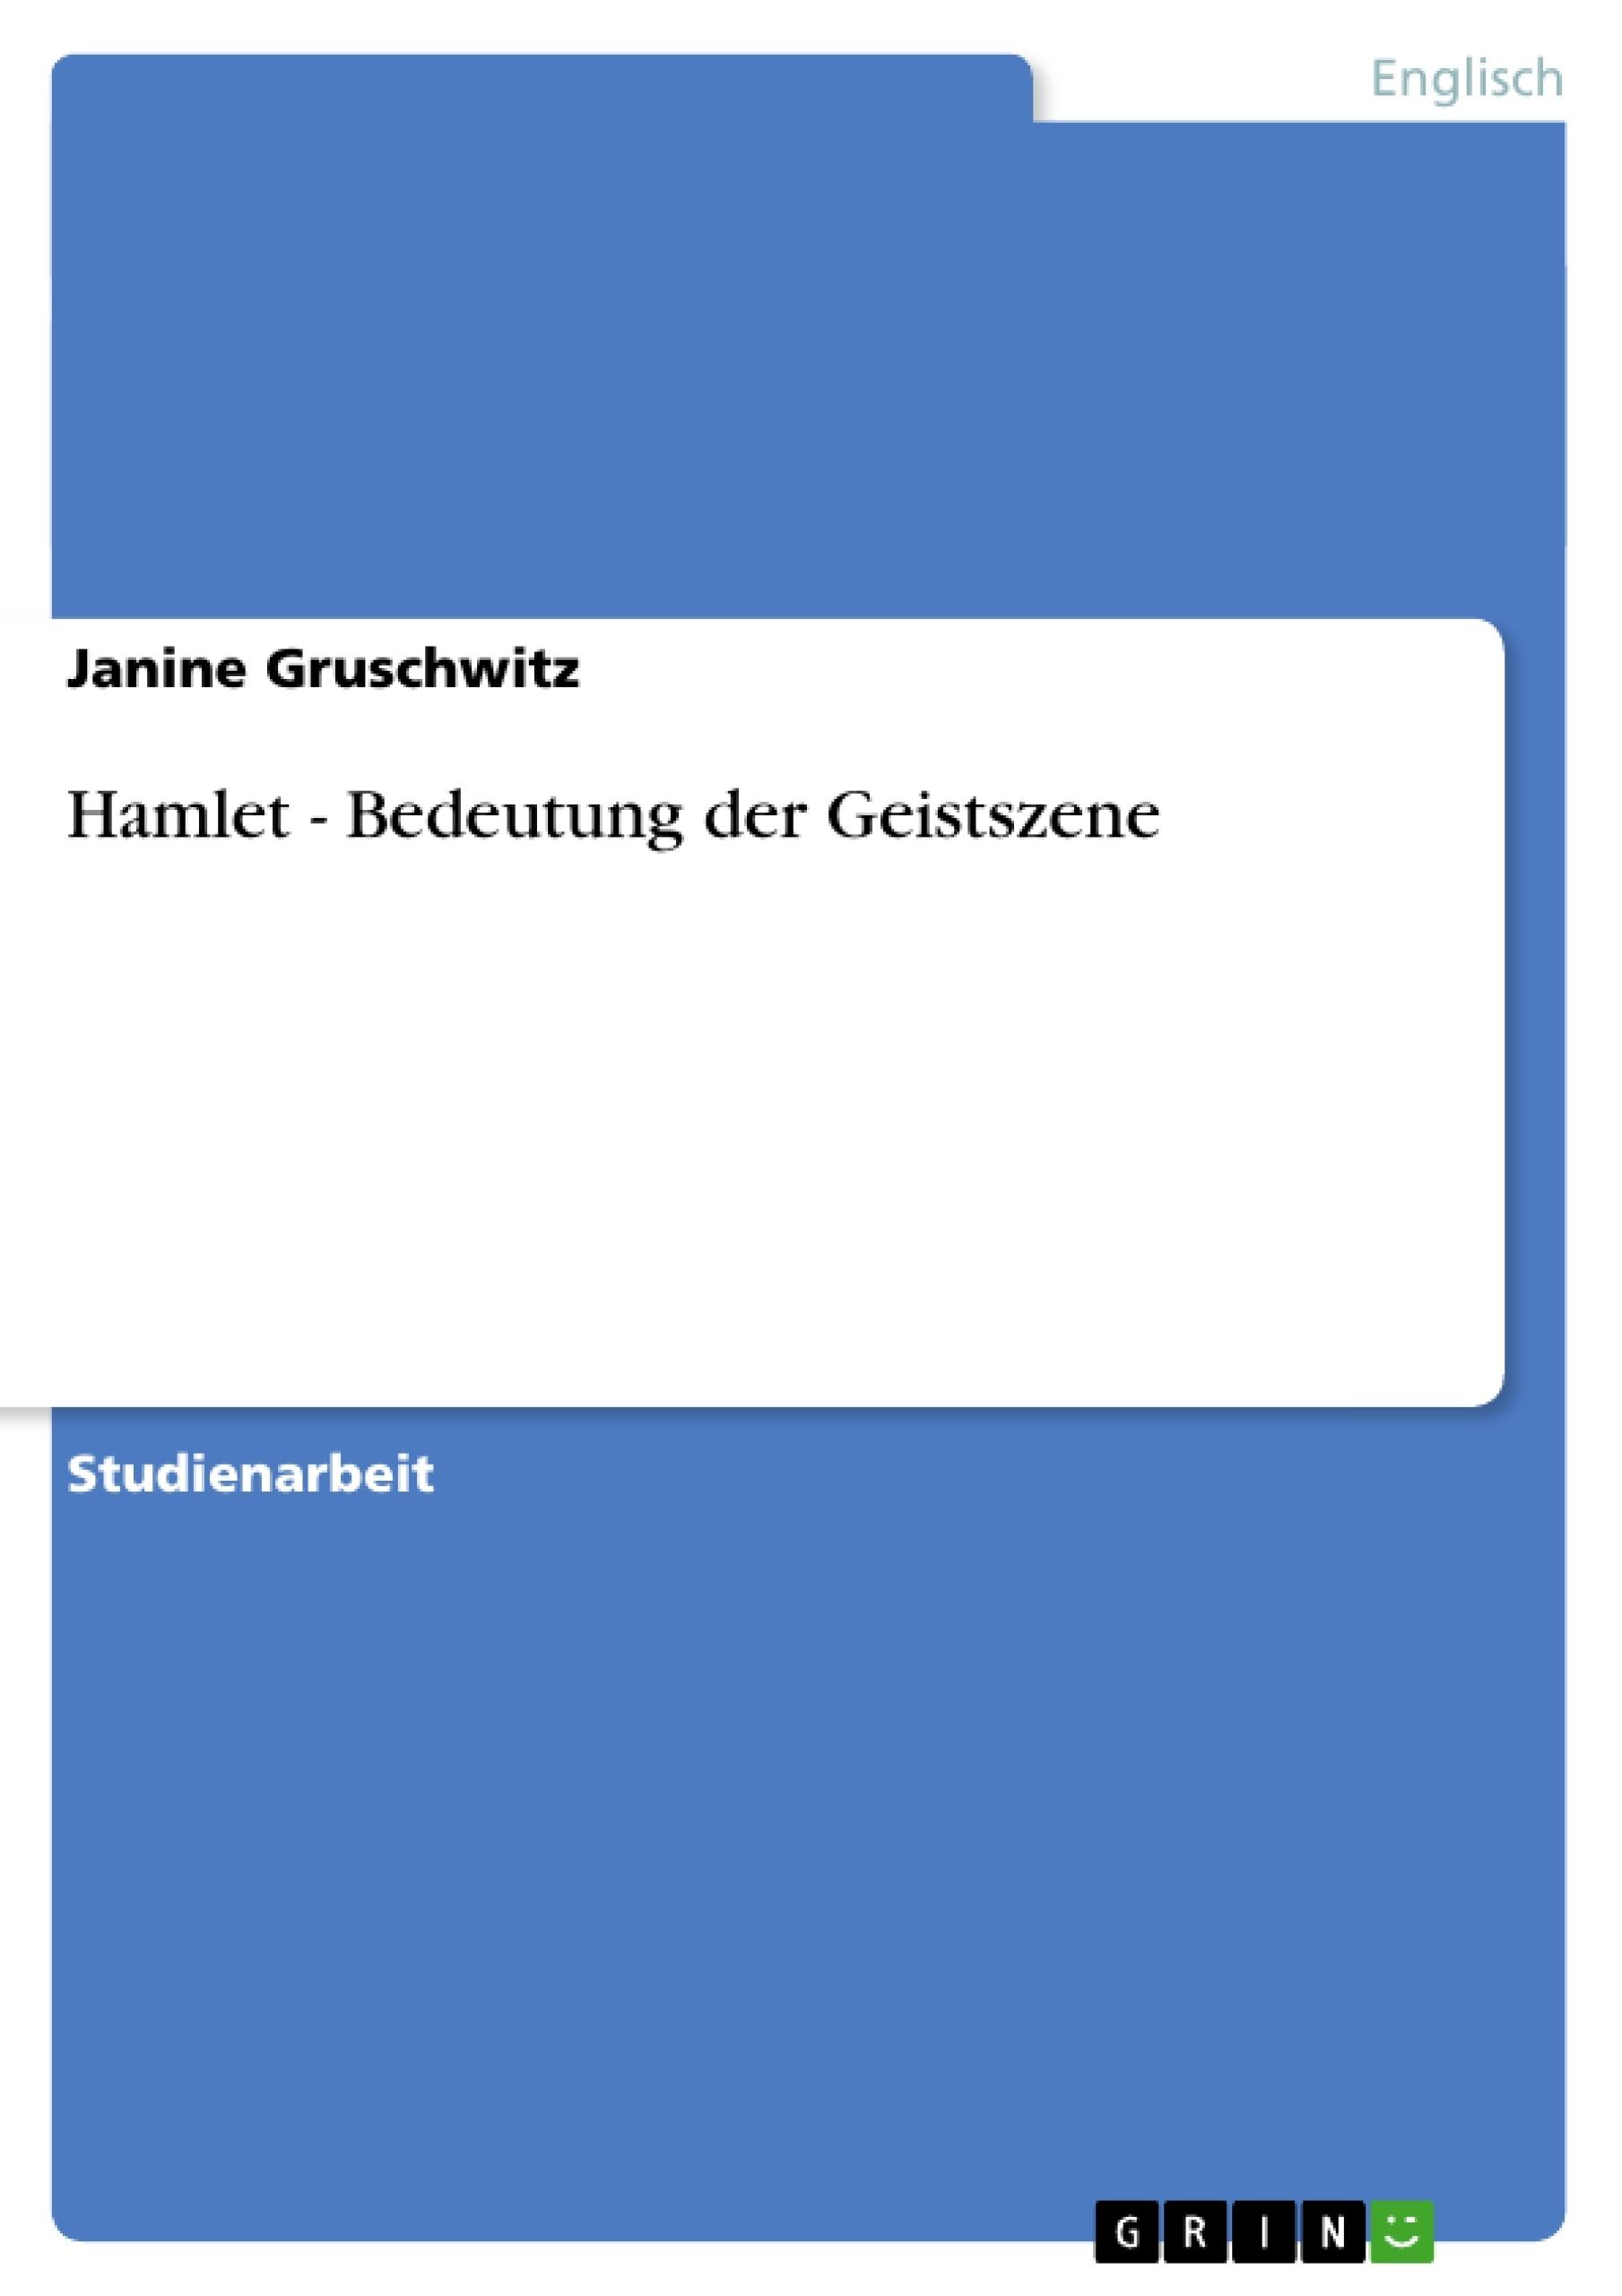 Titel: Hamlet - Bedeutung der Geistszene